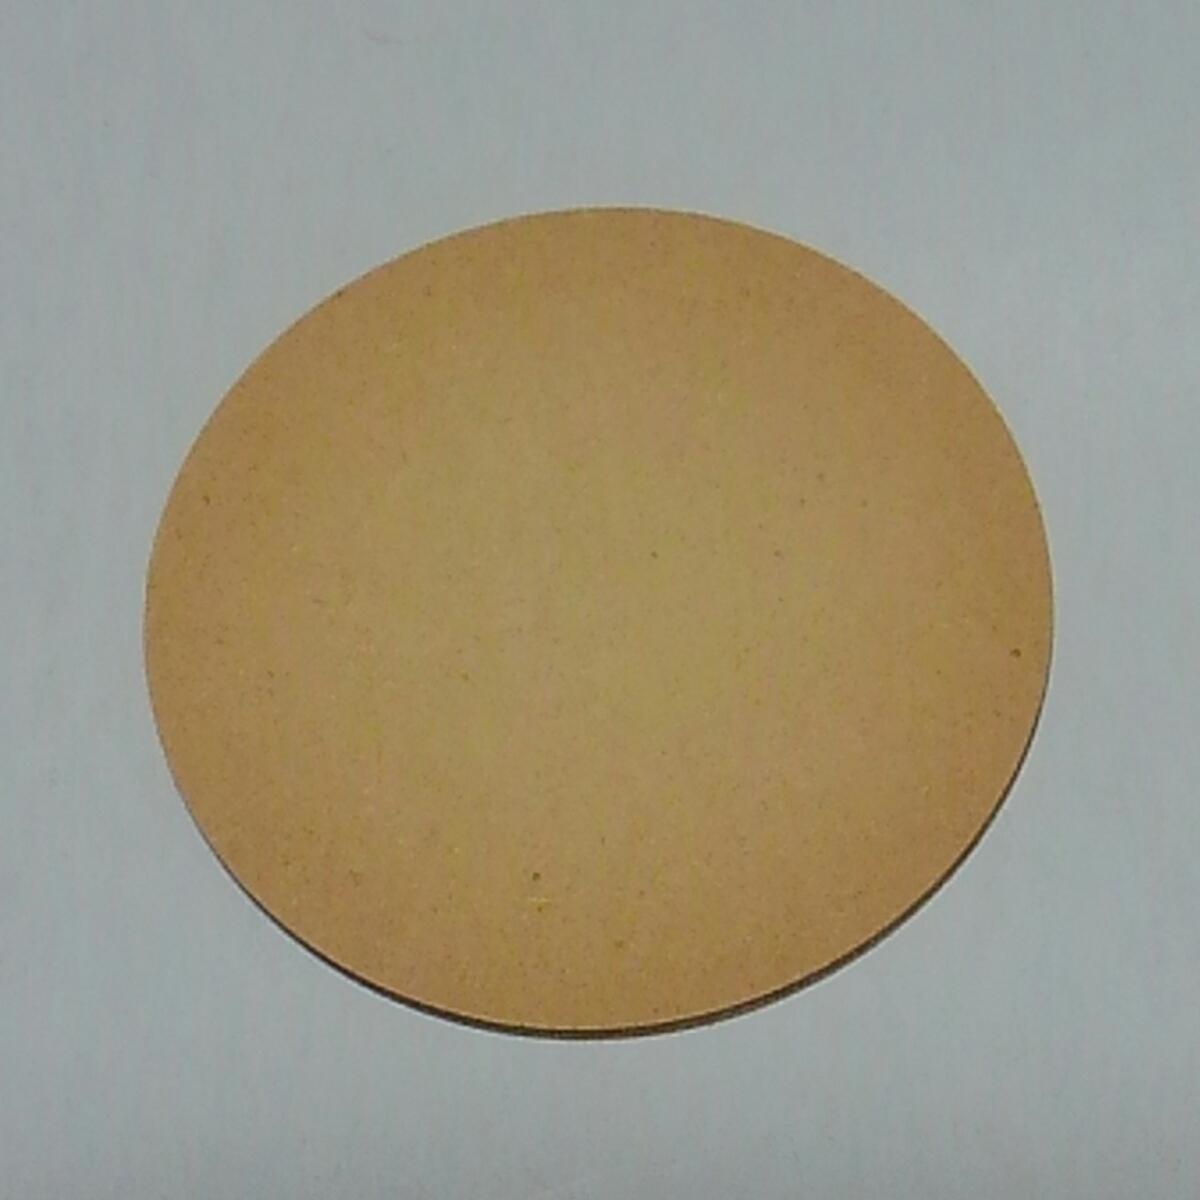 【牛乳キャップ】約40年前 西オレンジ 未使用 滋賀県/西牛乳処理場 西哲男_画像2